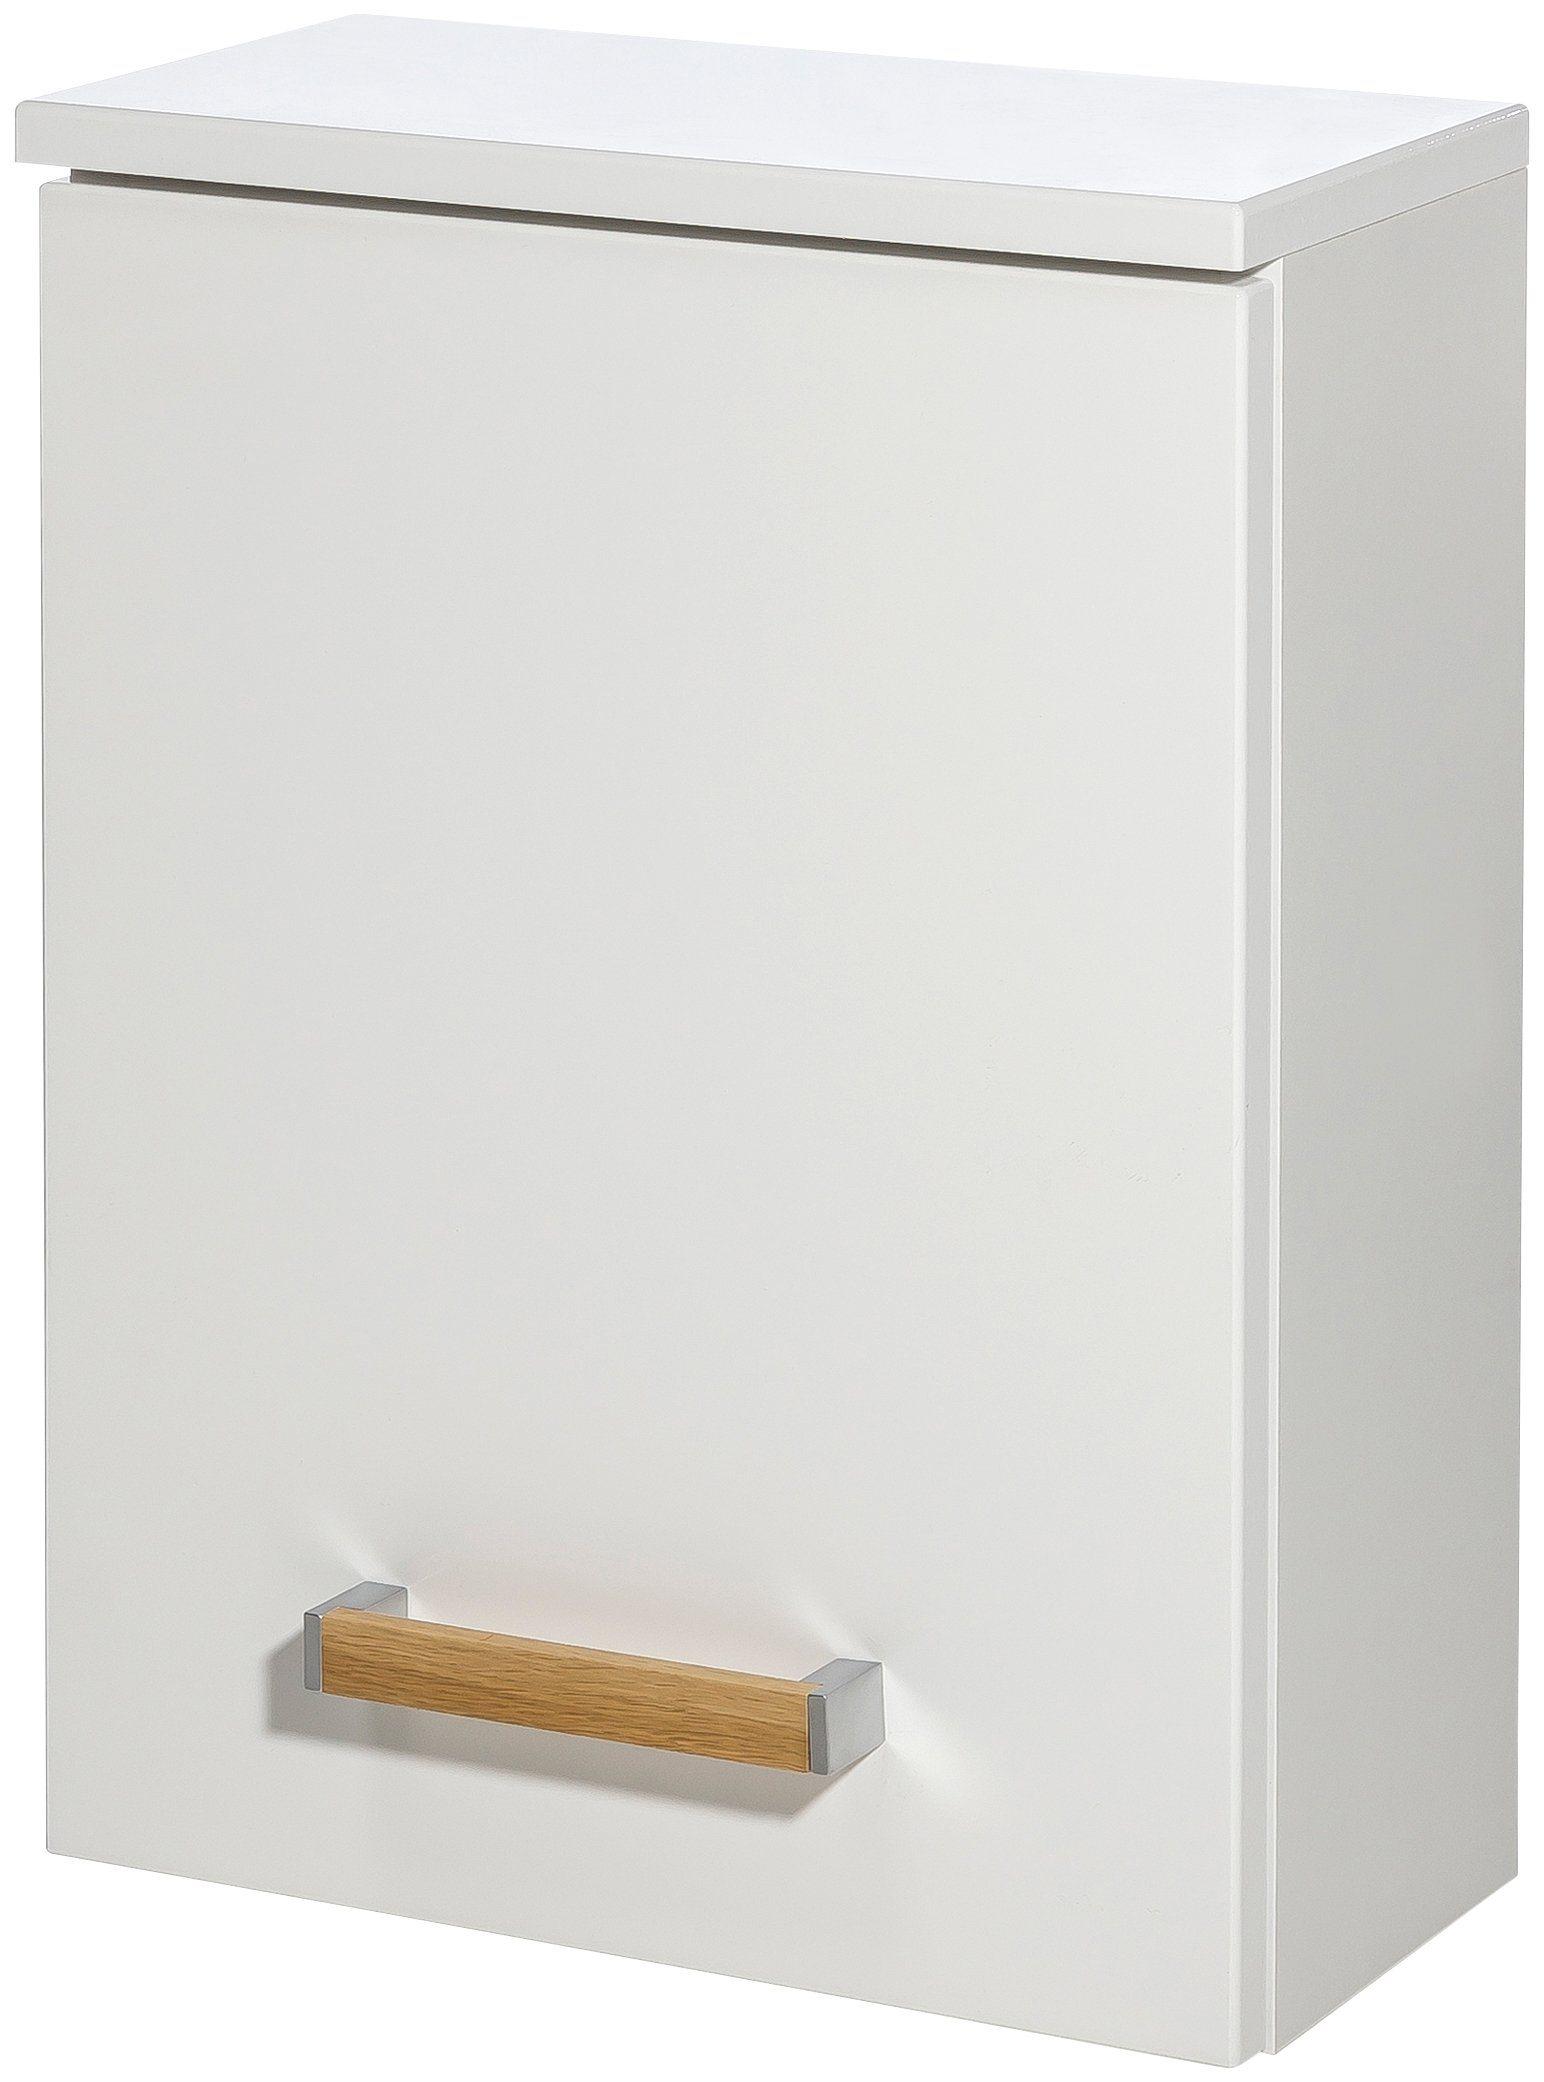 Schildmeyer Badhängeschrank »Venlo«, Breite 33 cm   Bad > Badmöbel > Hängeschränke fürs Bad   Weiß   Spanplatte   Schildmeyer